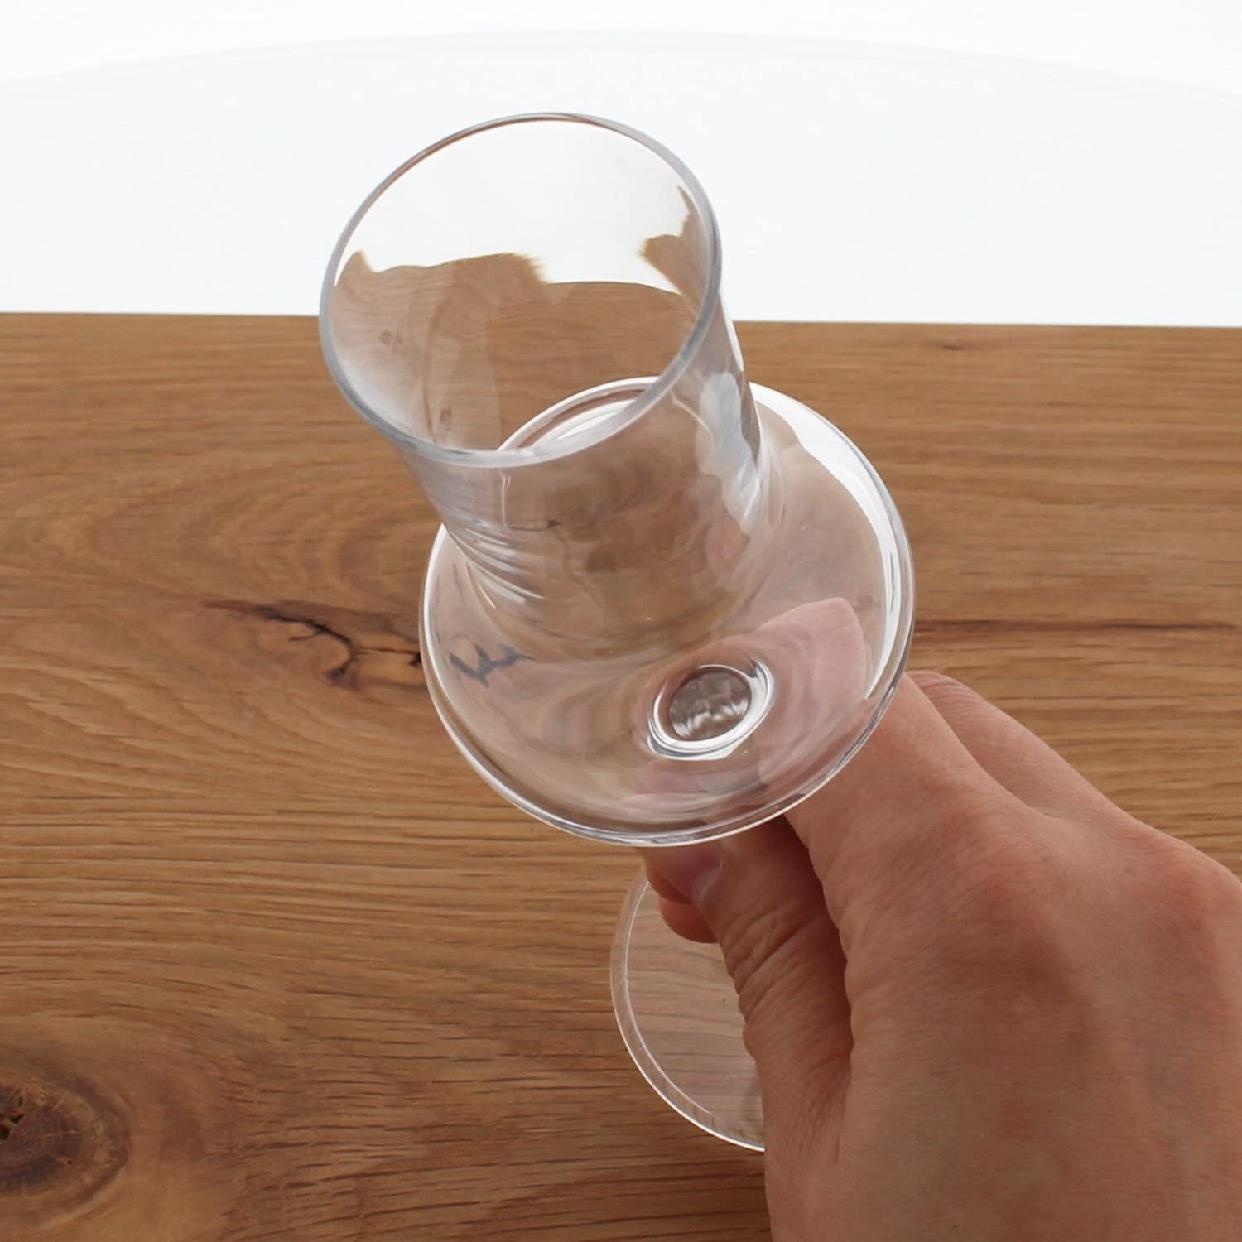 Blancheassocies(ブランシェアソシエ)リゼルバ グラッパ ワイングラス 80mlの商品画像5